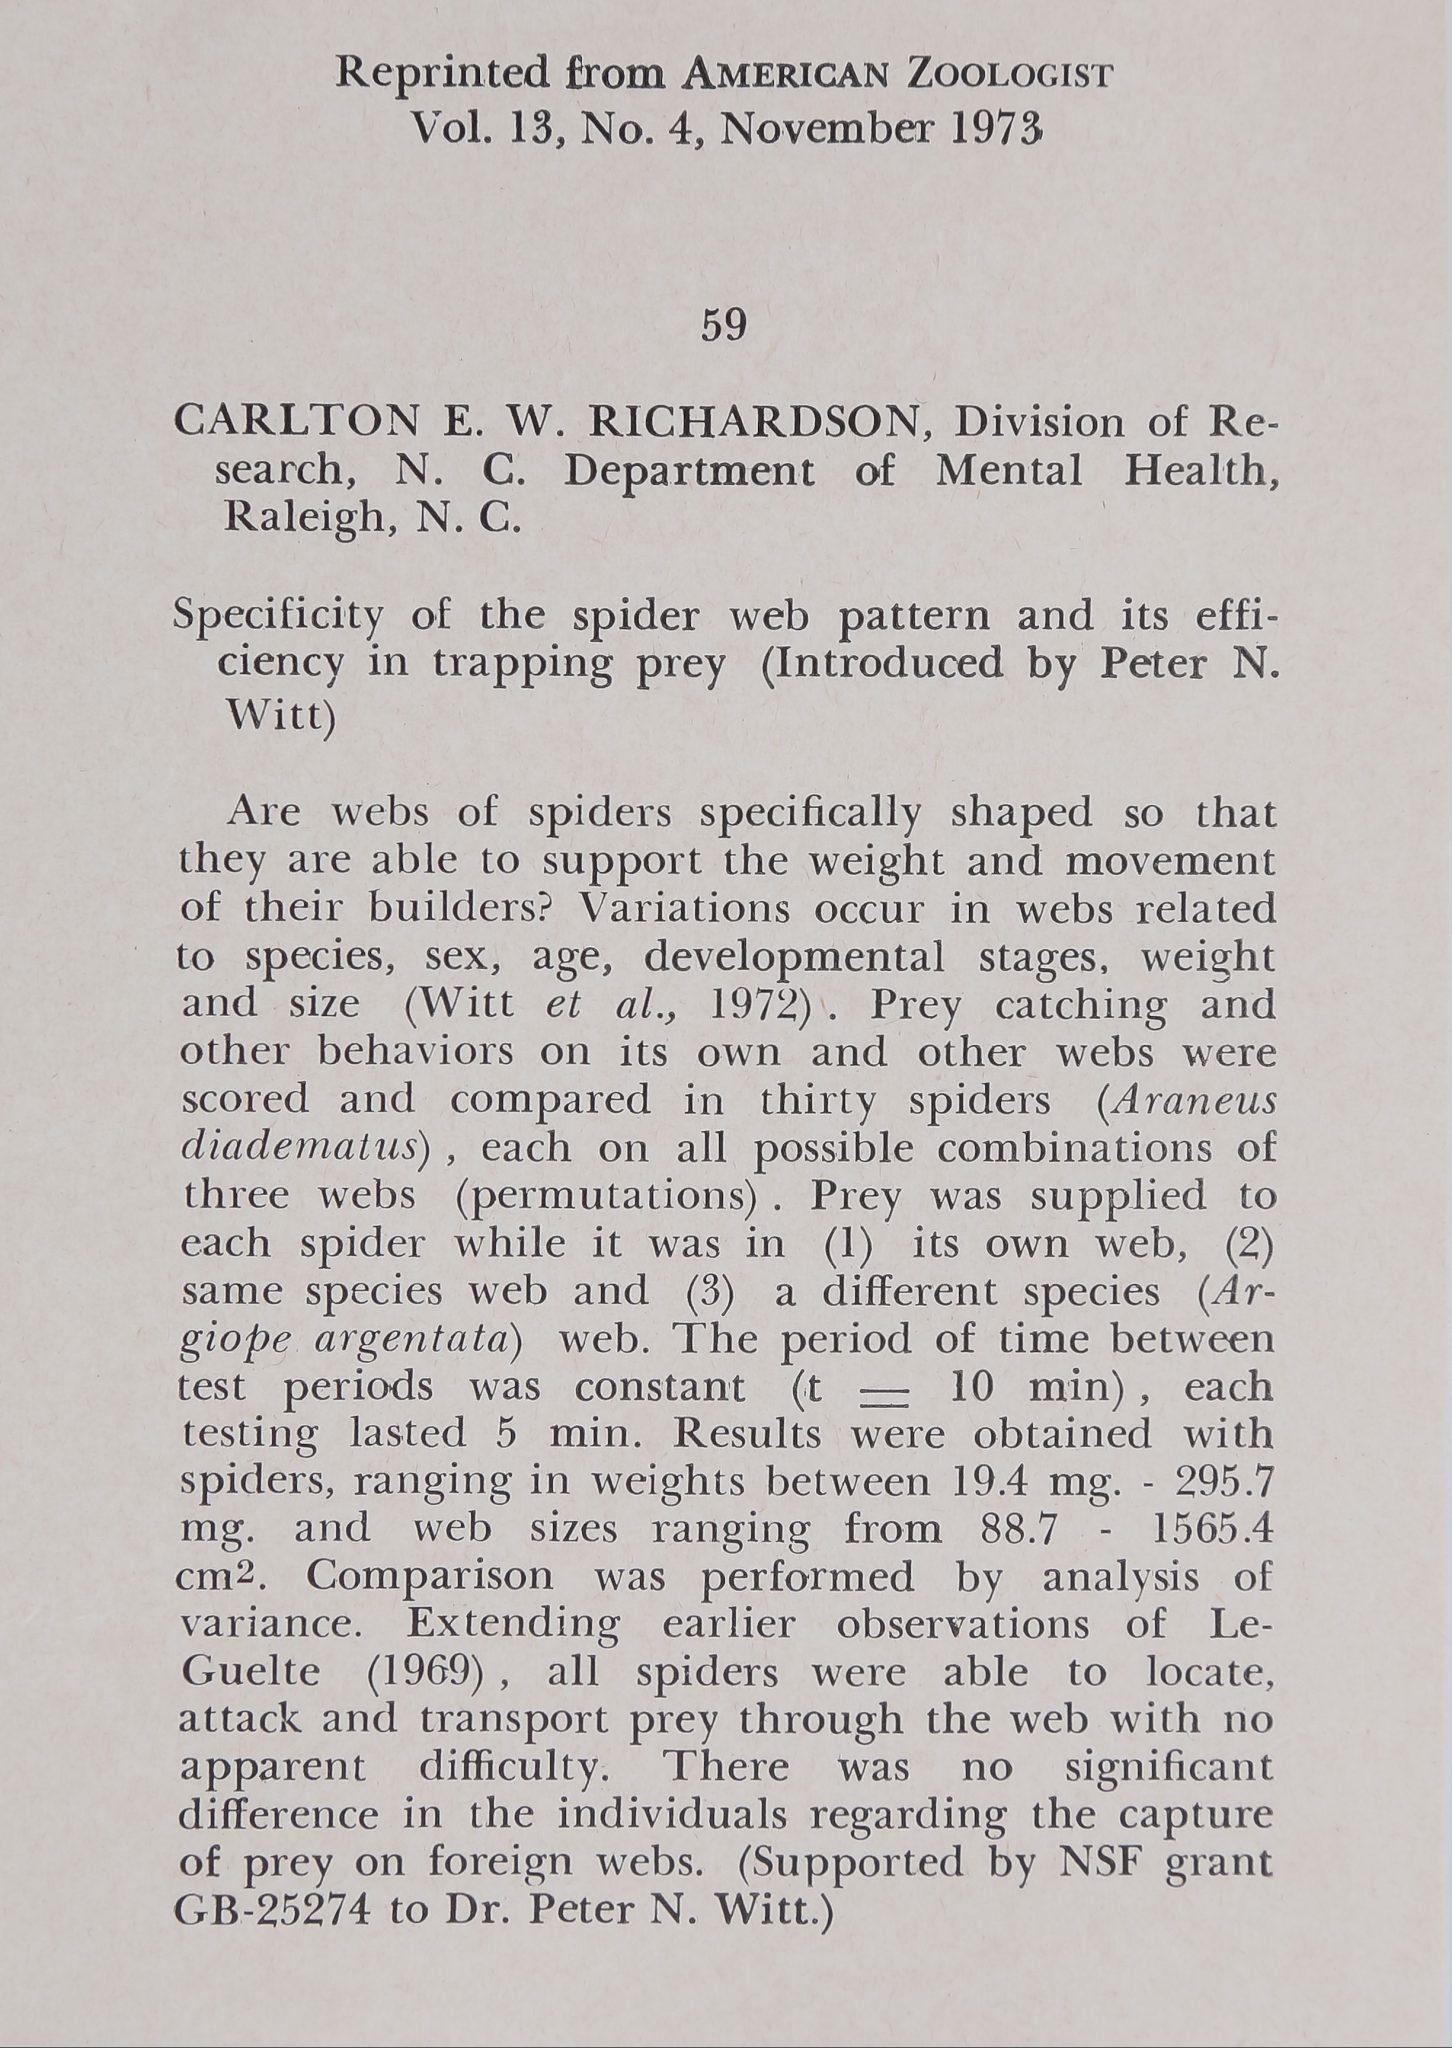 1973-SpecificityOfTheSpiderWev-1